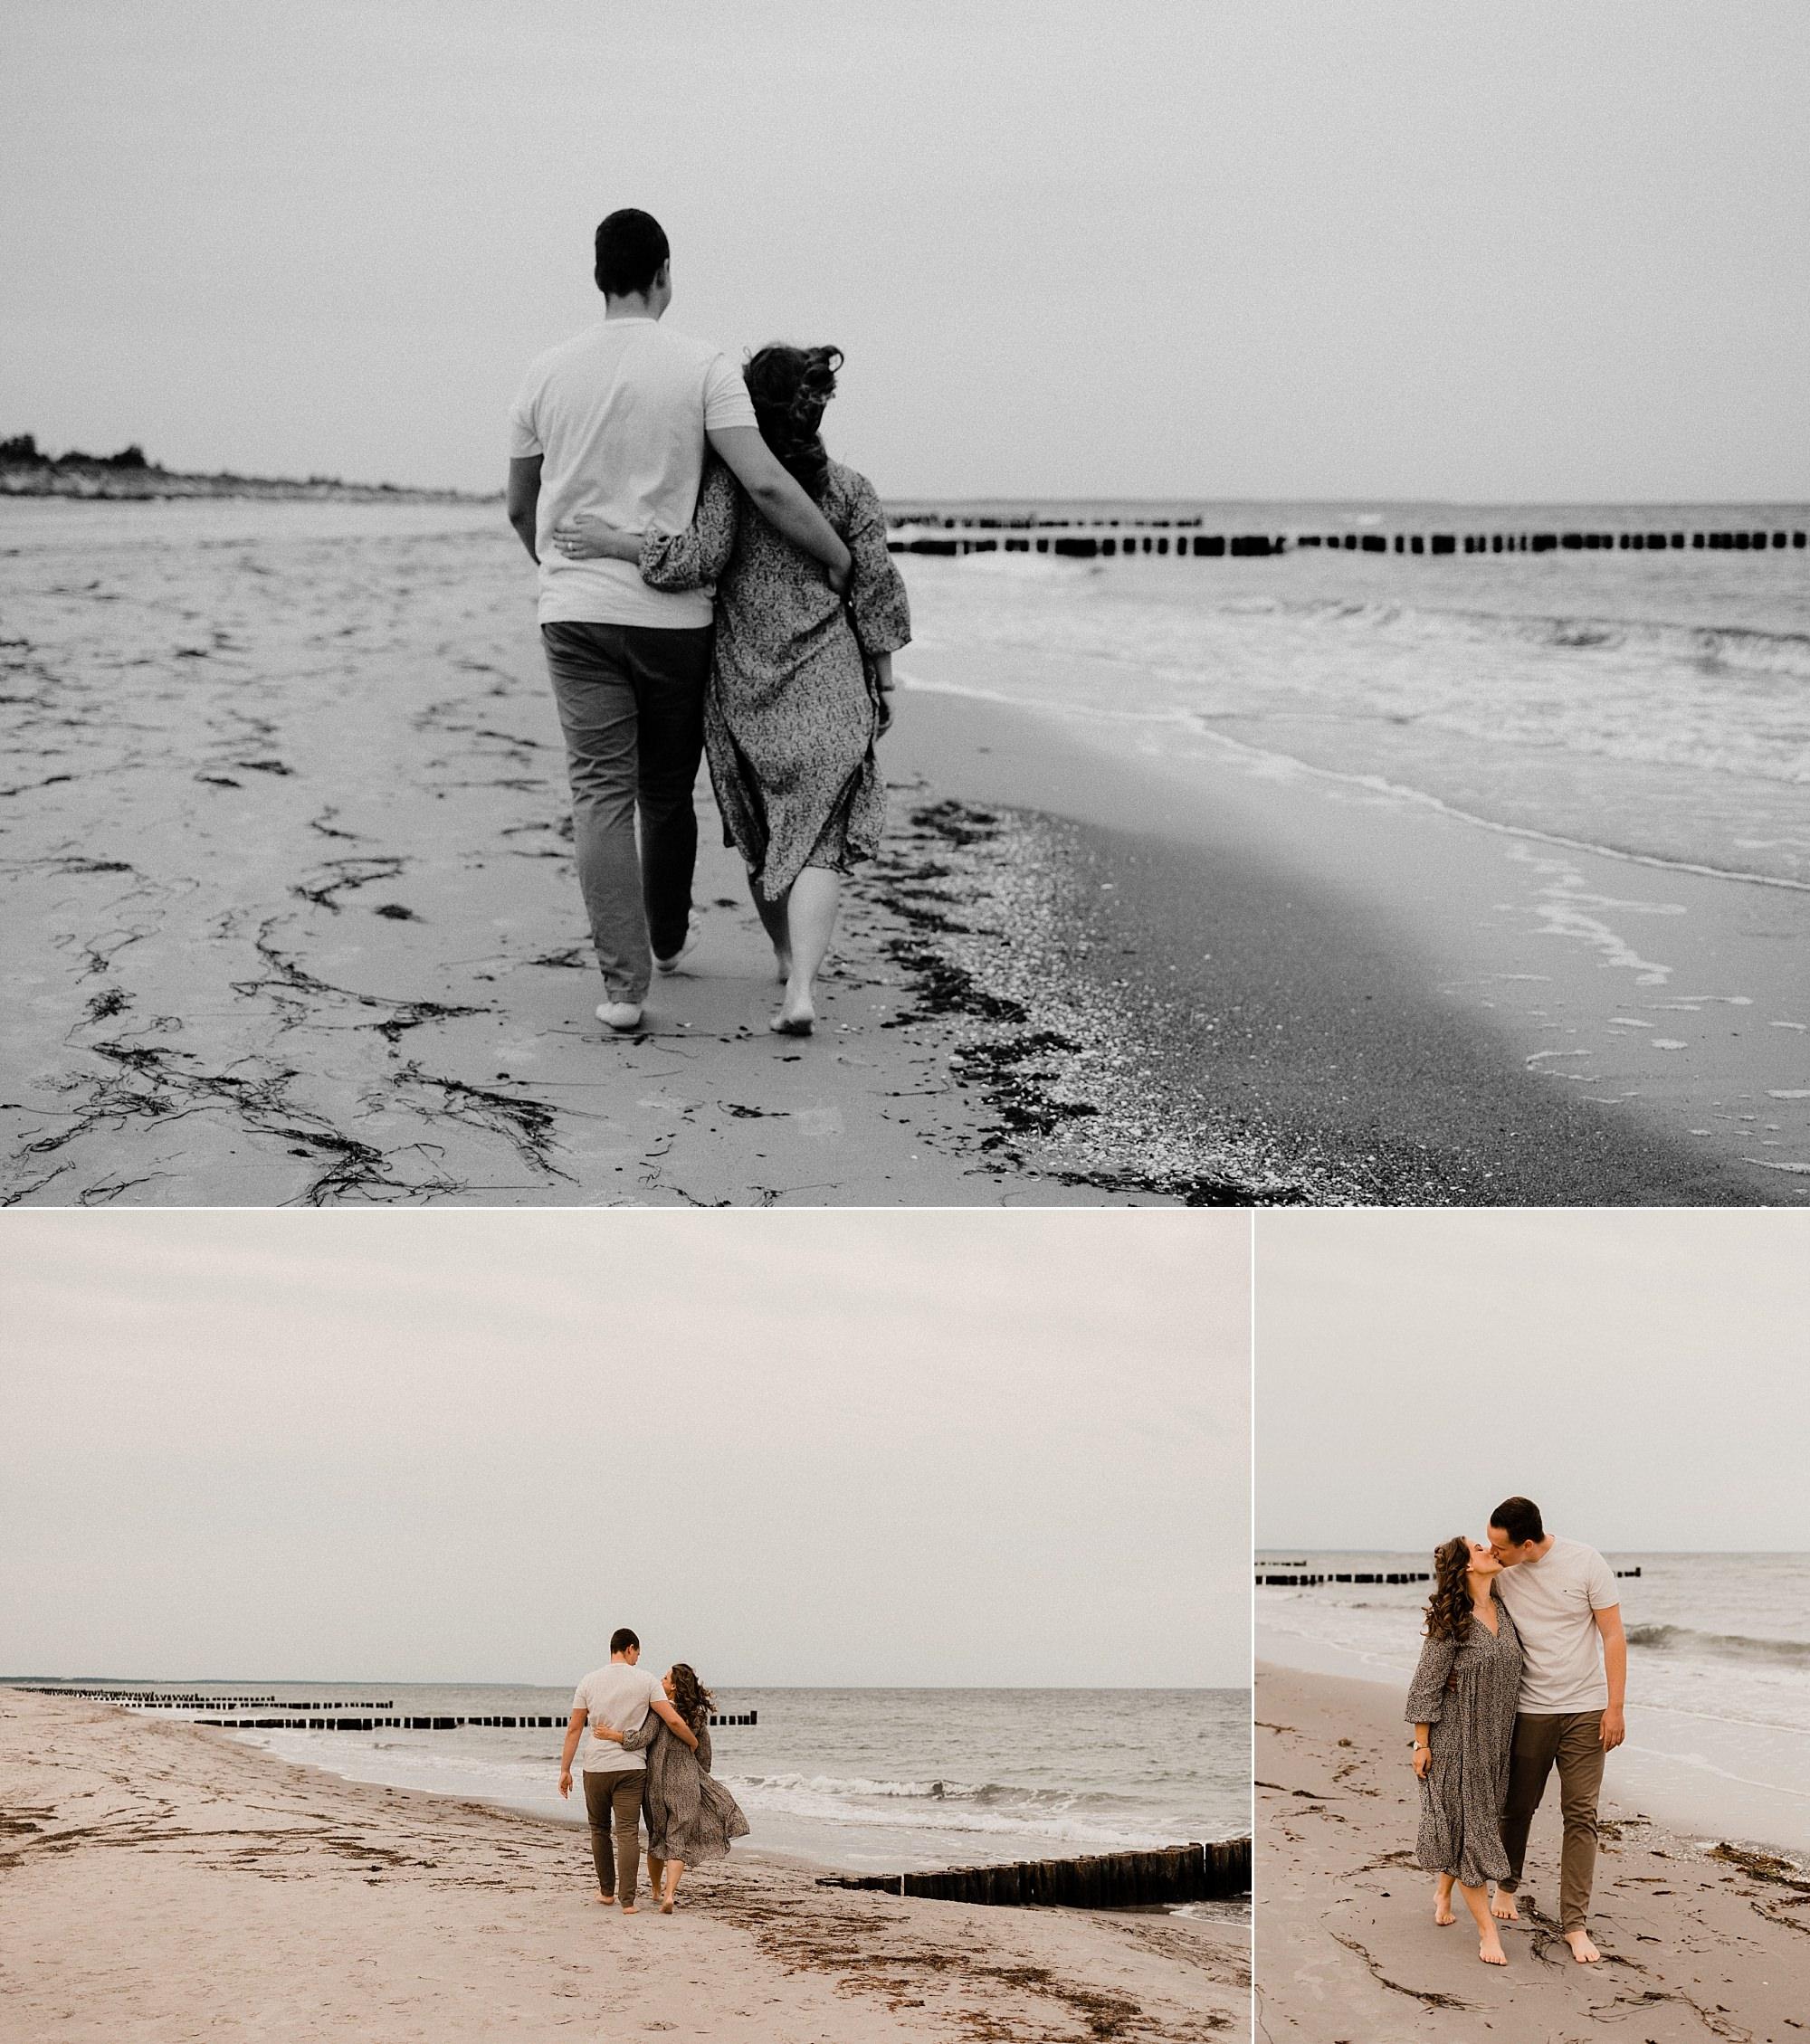 Paarshooting auf Fischland Darß - Pärchenshooting Rügen - Fotograf Usedom für Paare - Ater Wedding Shooting an der Ostsee - Hochzeitsfotograf Sellin und Binz - Fotoshooting Strand Ostsee